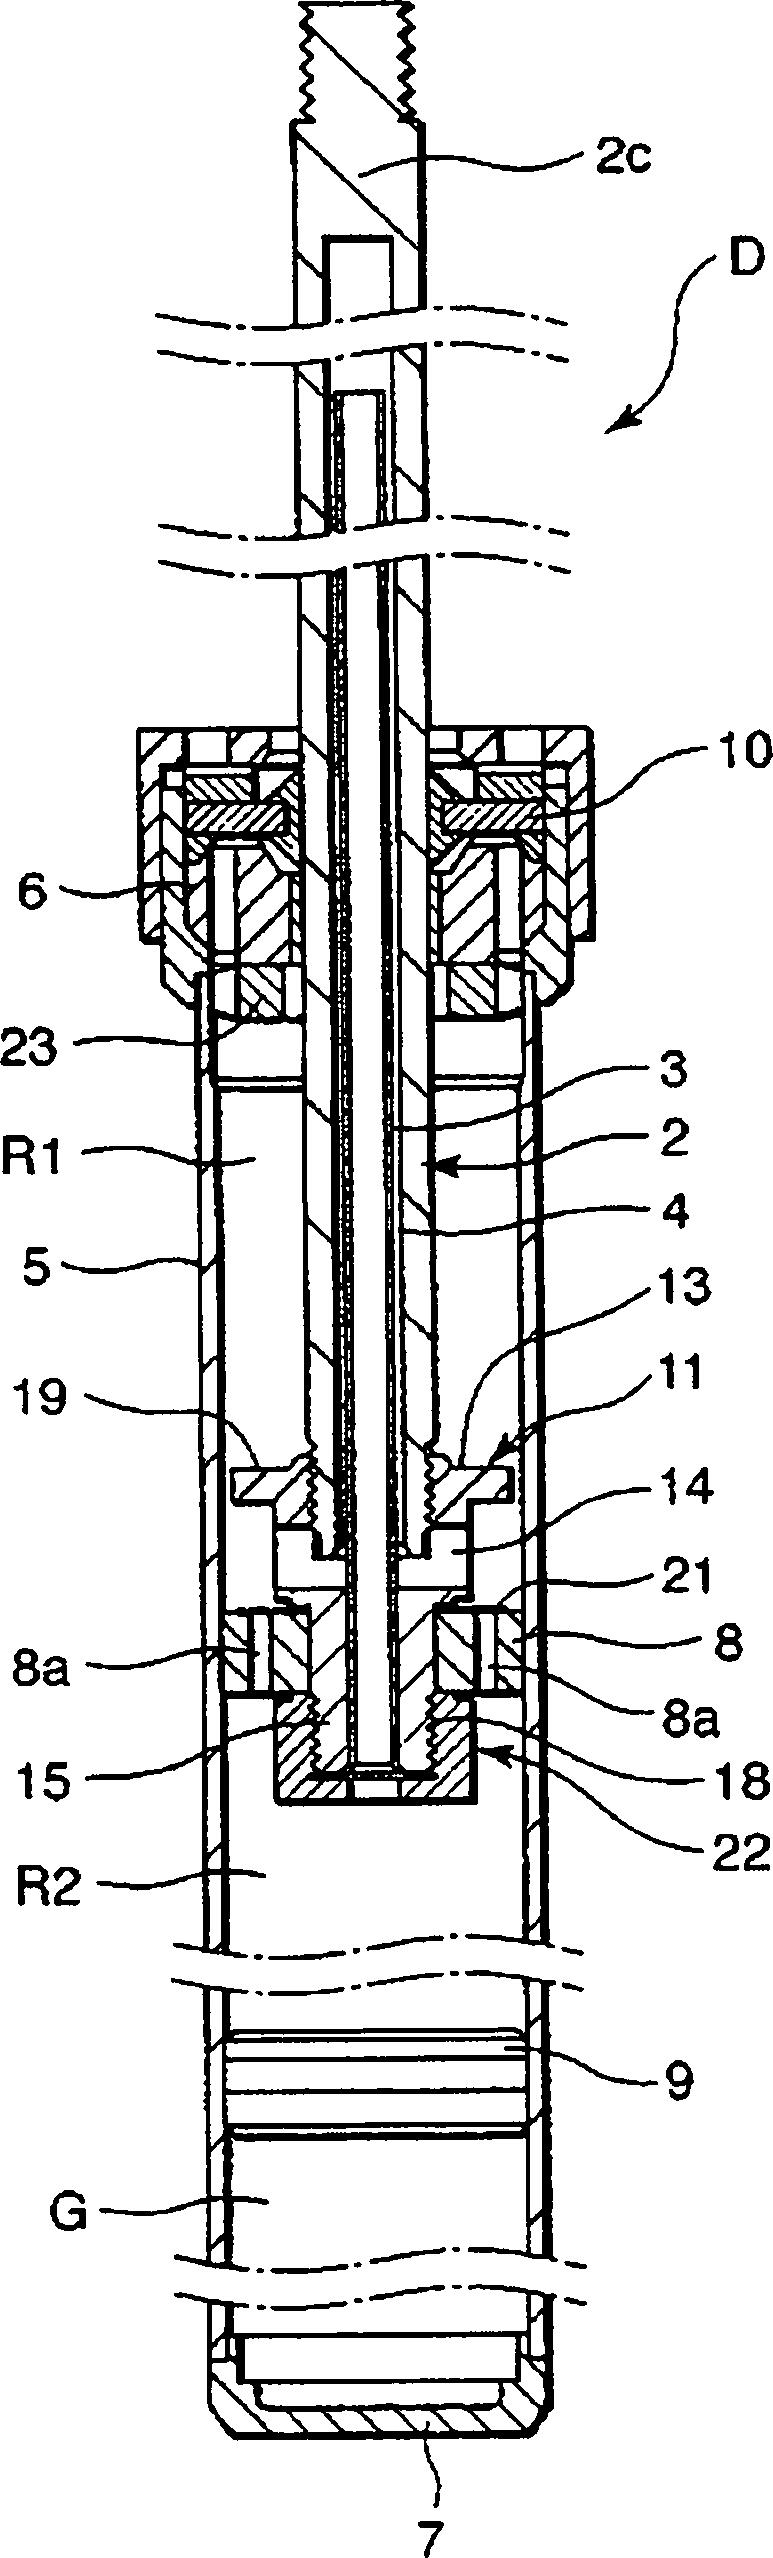 Figure DE102010040226B4_0001